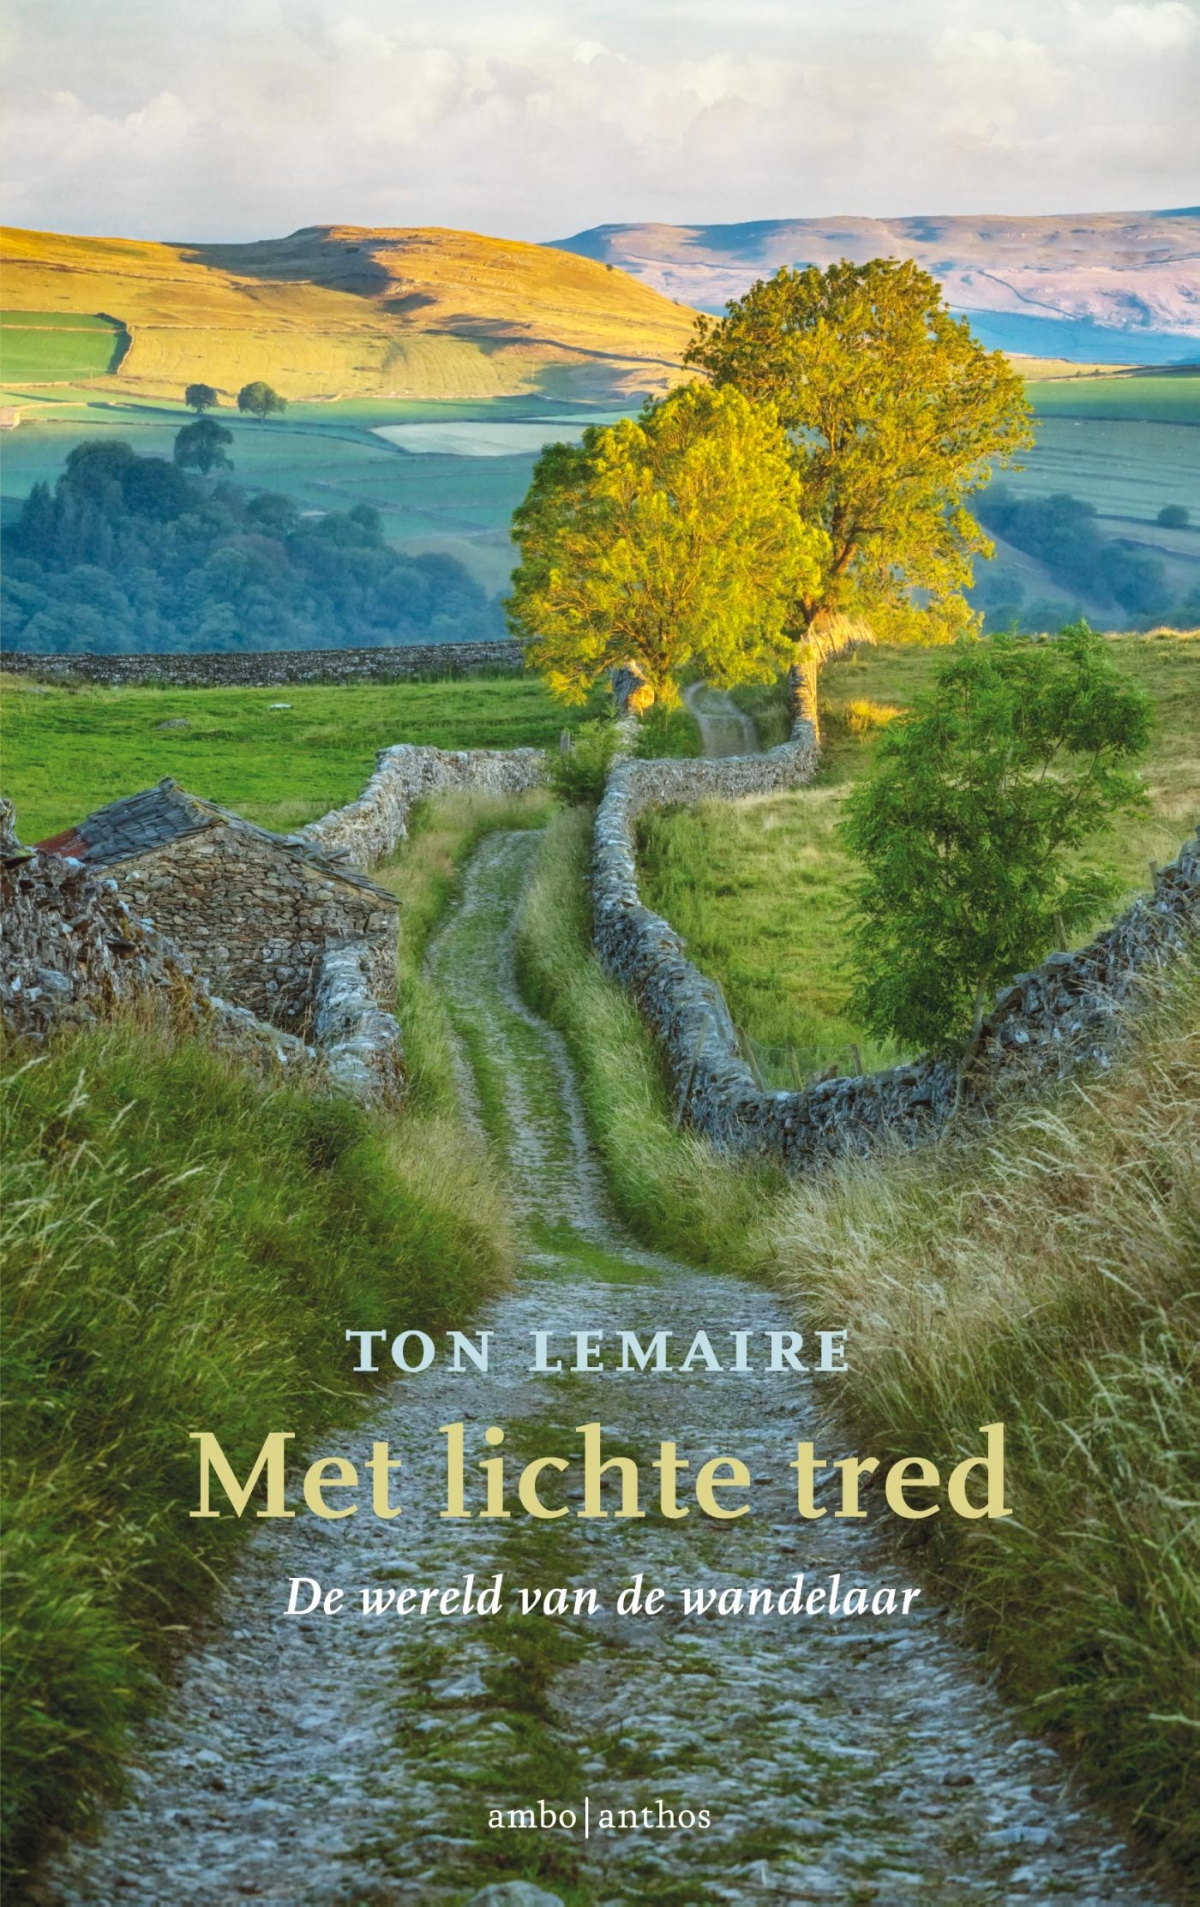 Met lichte tred - Ton Lemaire